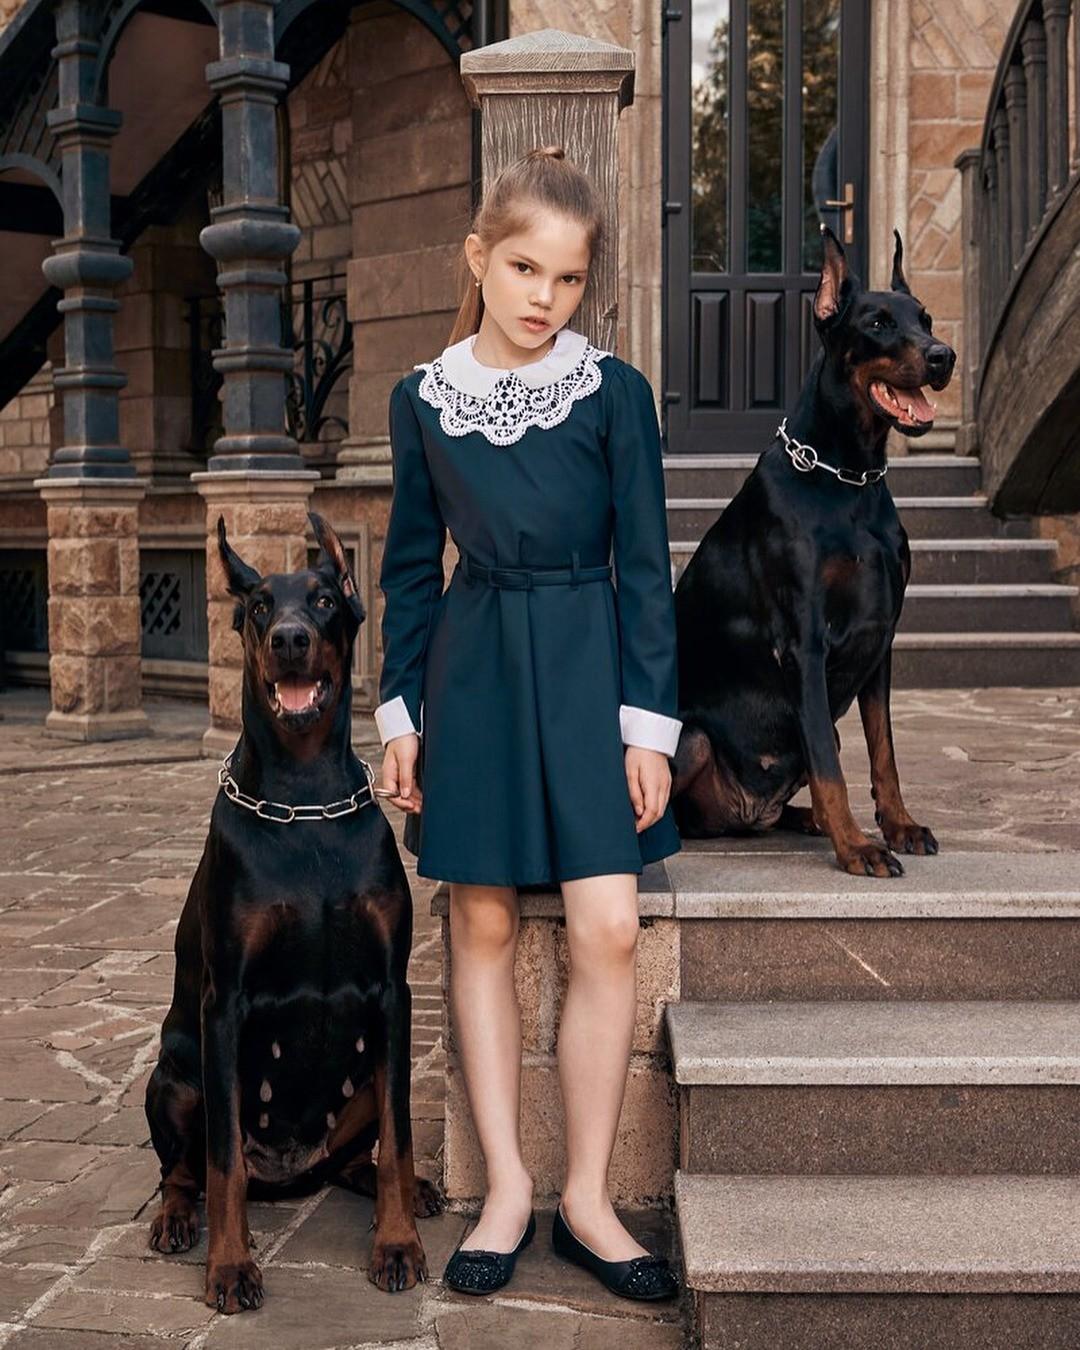 «А как же платье?» - спросишь ты. Мы ответим: длянеобычной девочки - самое необычное платье! Черный цвет вшкольной форме - давно наскучившая классика, поэтому внаступившем учебном году...